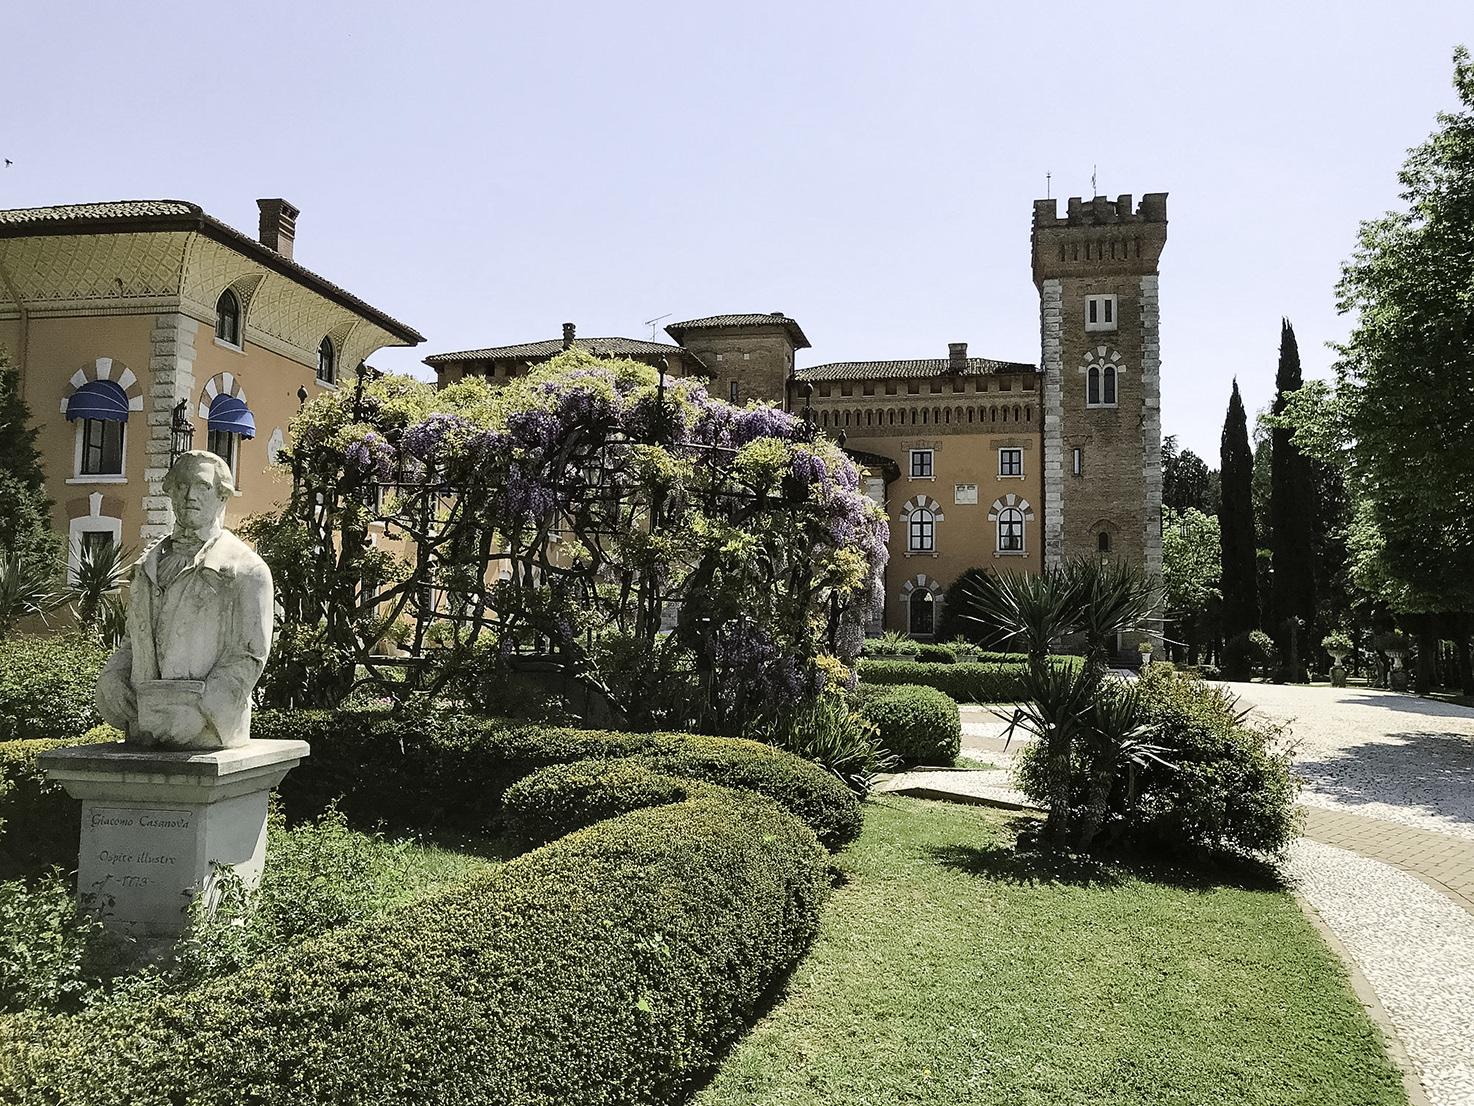 Entrance of Castello di Spessa